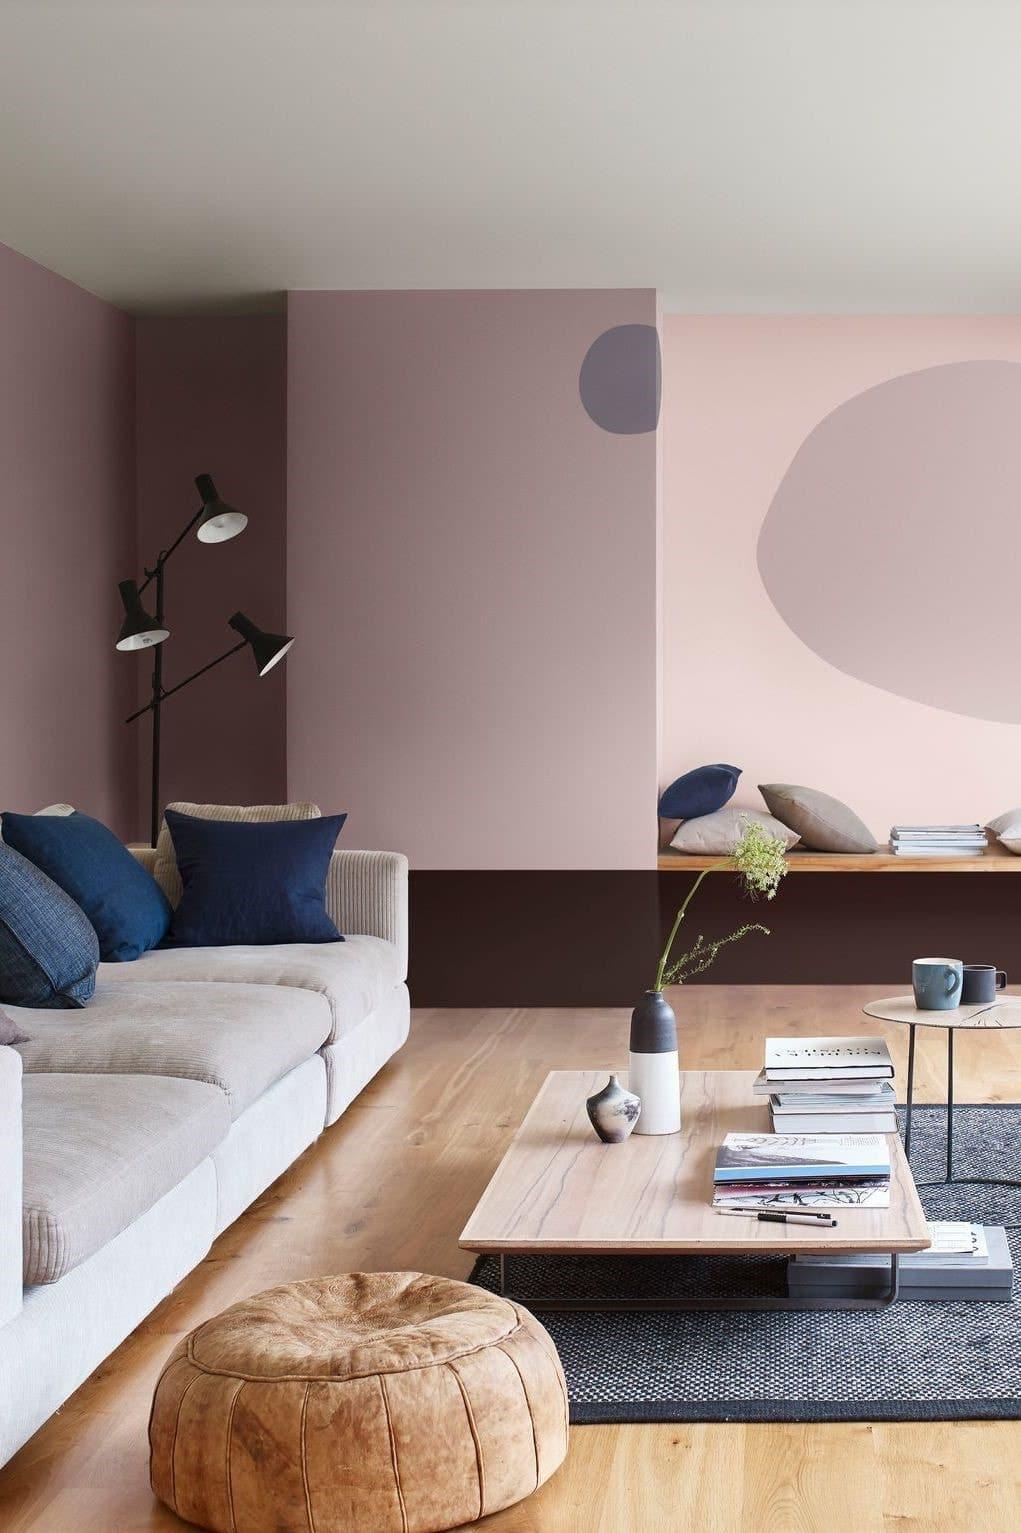 Couleur Peinture Pour Bureau Professionnel deco : 10 couleurs les plus tendance en 2019 ! | ctendance.fr